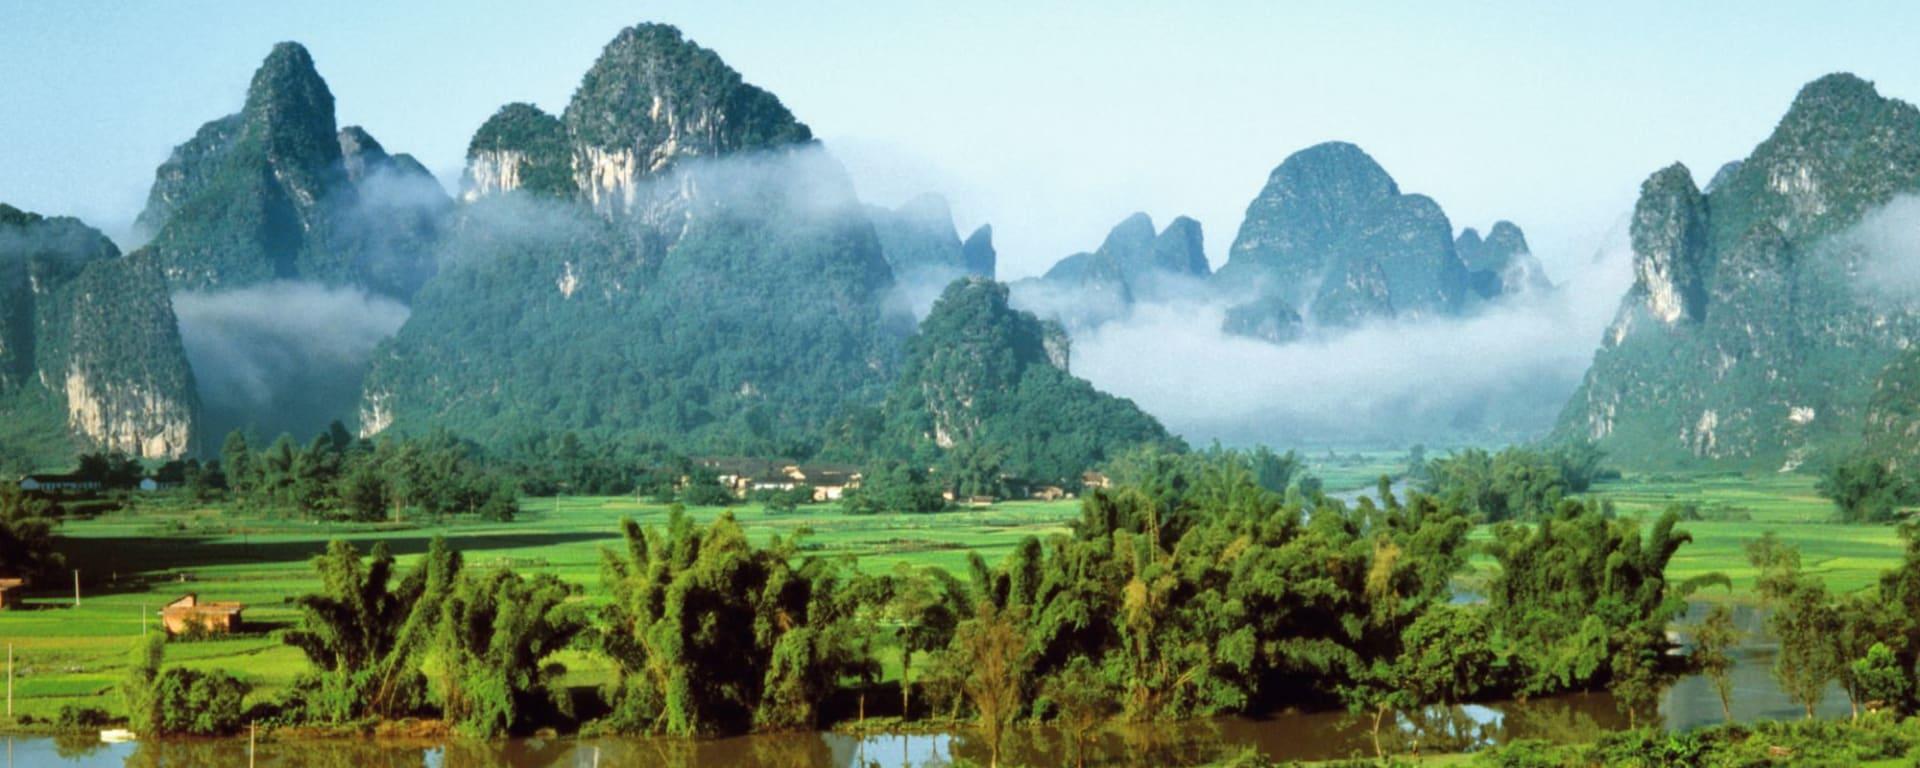 Rizières du cieletreliefs étranges de Guilin: Guilin: Landscapes